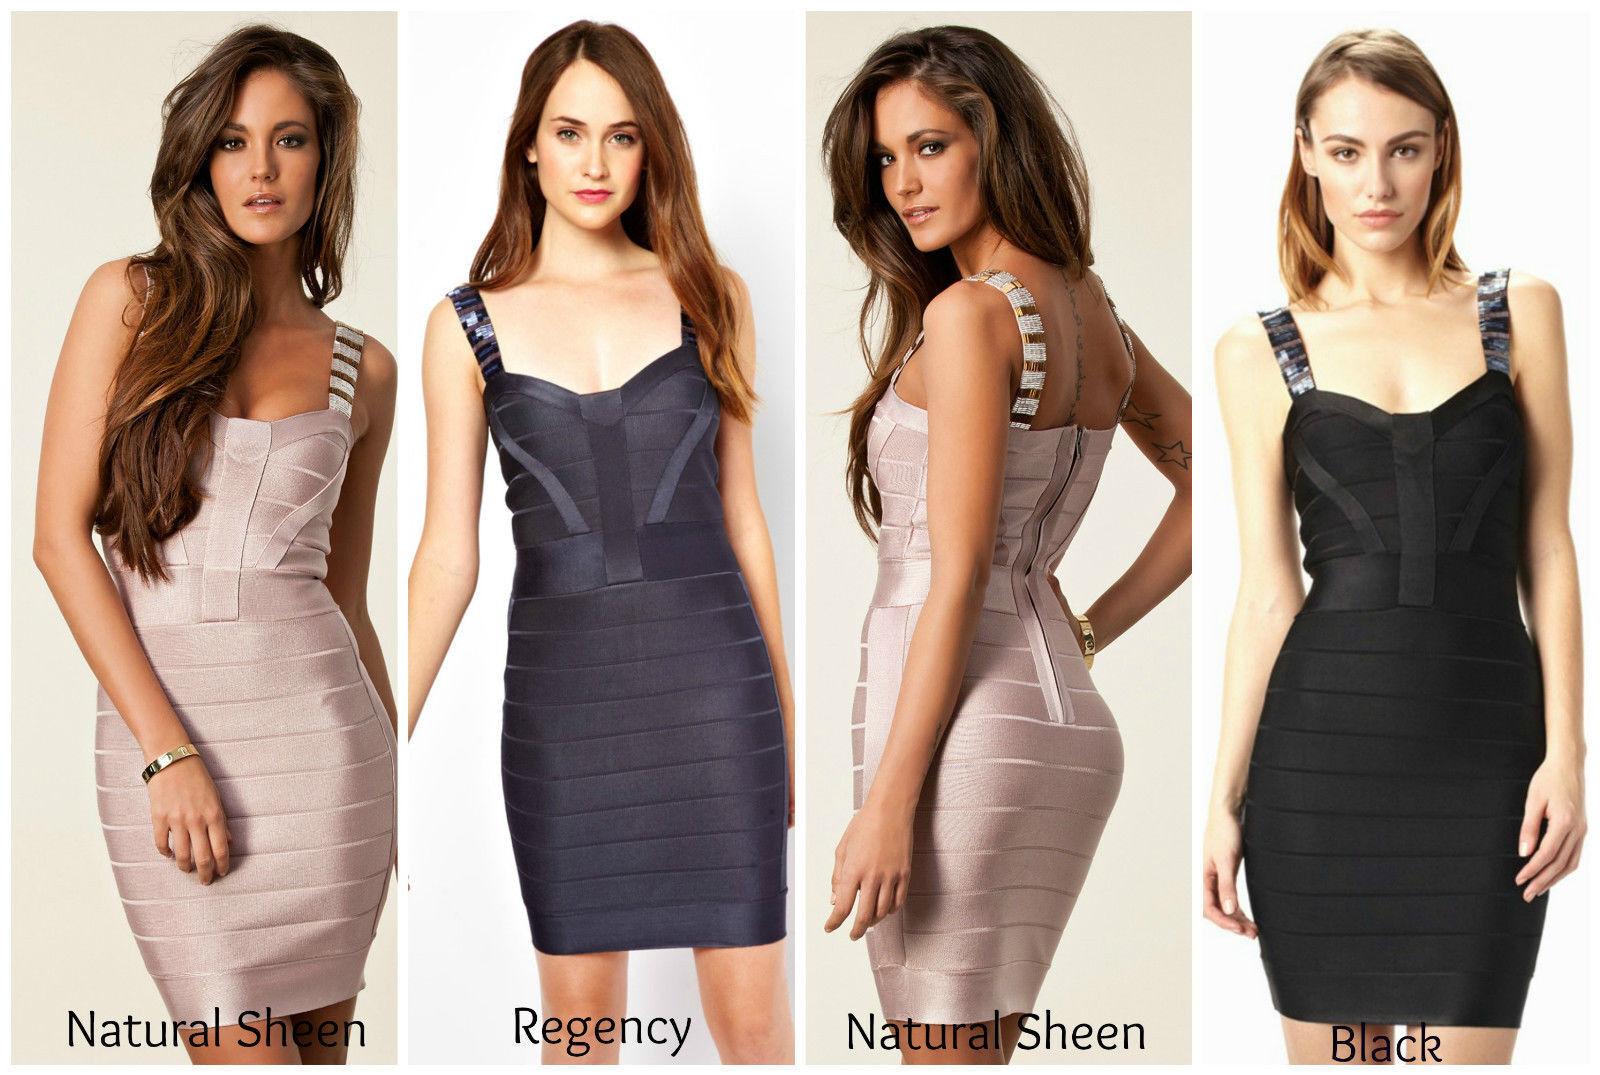 French Connection Bella vendaje BNWT  nuevo  vestido tamaño de Reino Unido 6 8 10 12 14  venta al por mayor barato